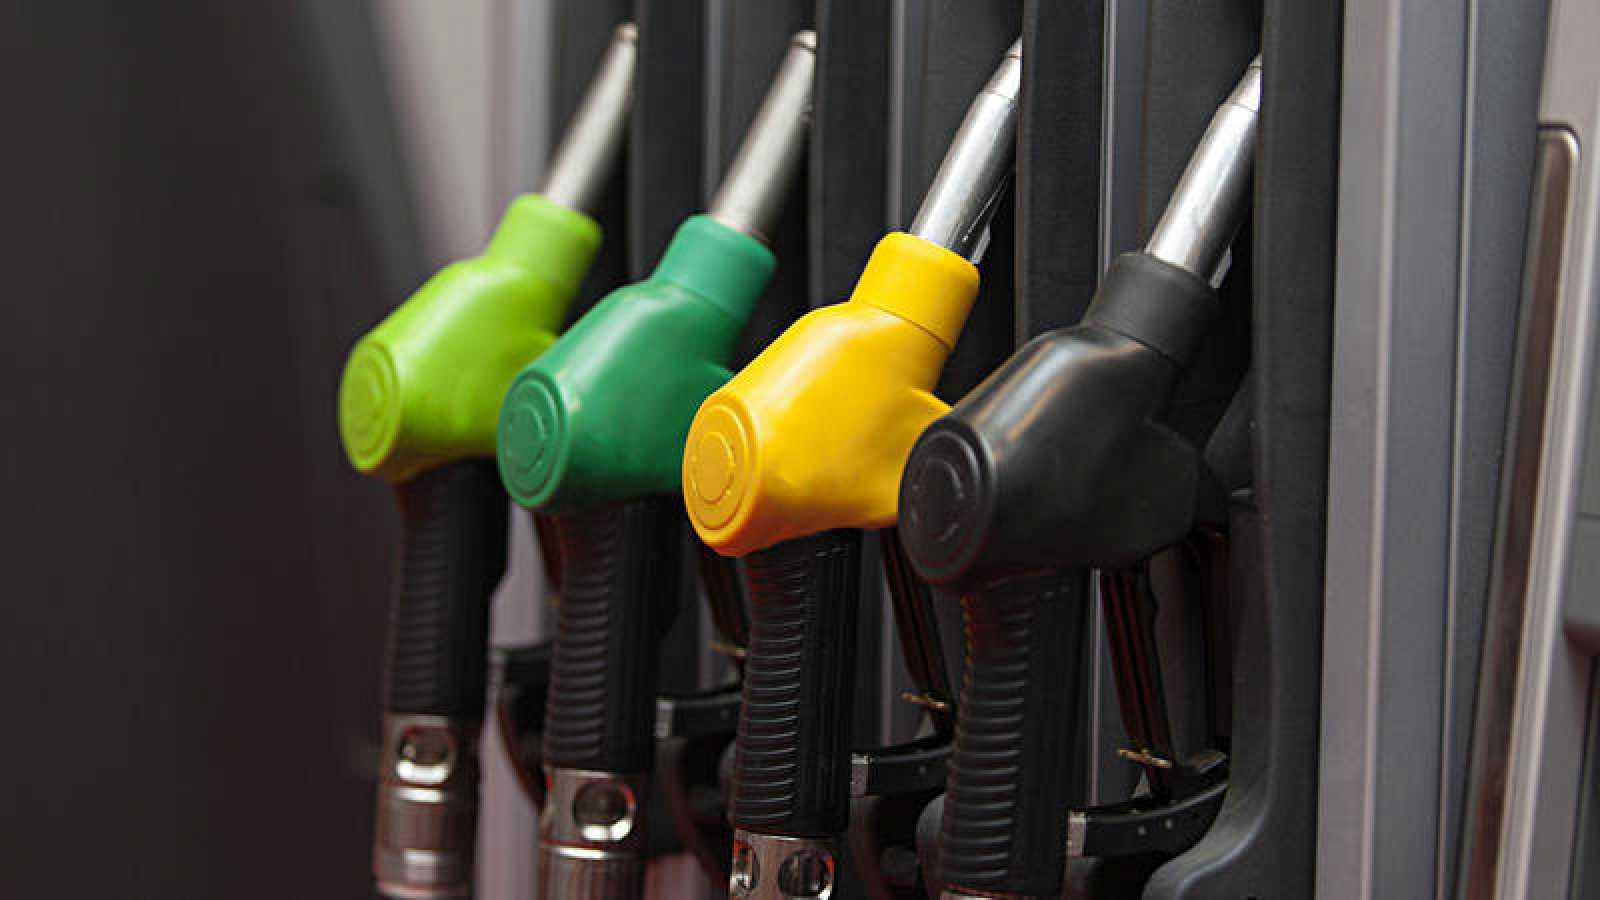 Surtidores de combustible en una gasolinera